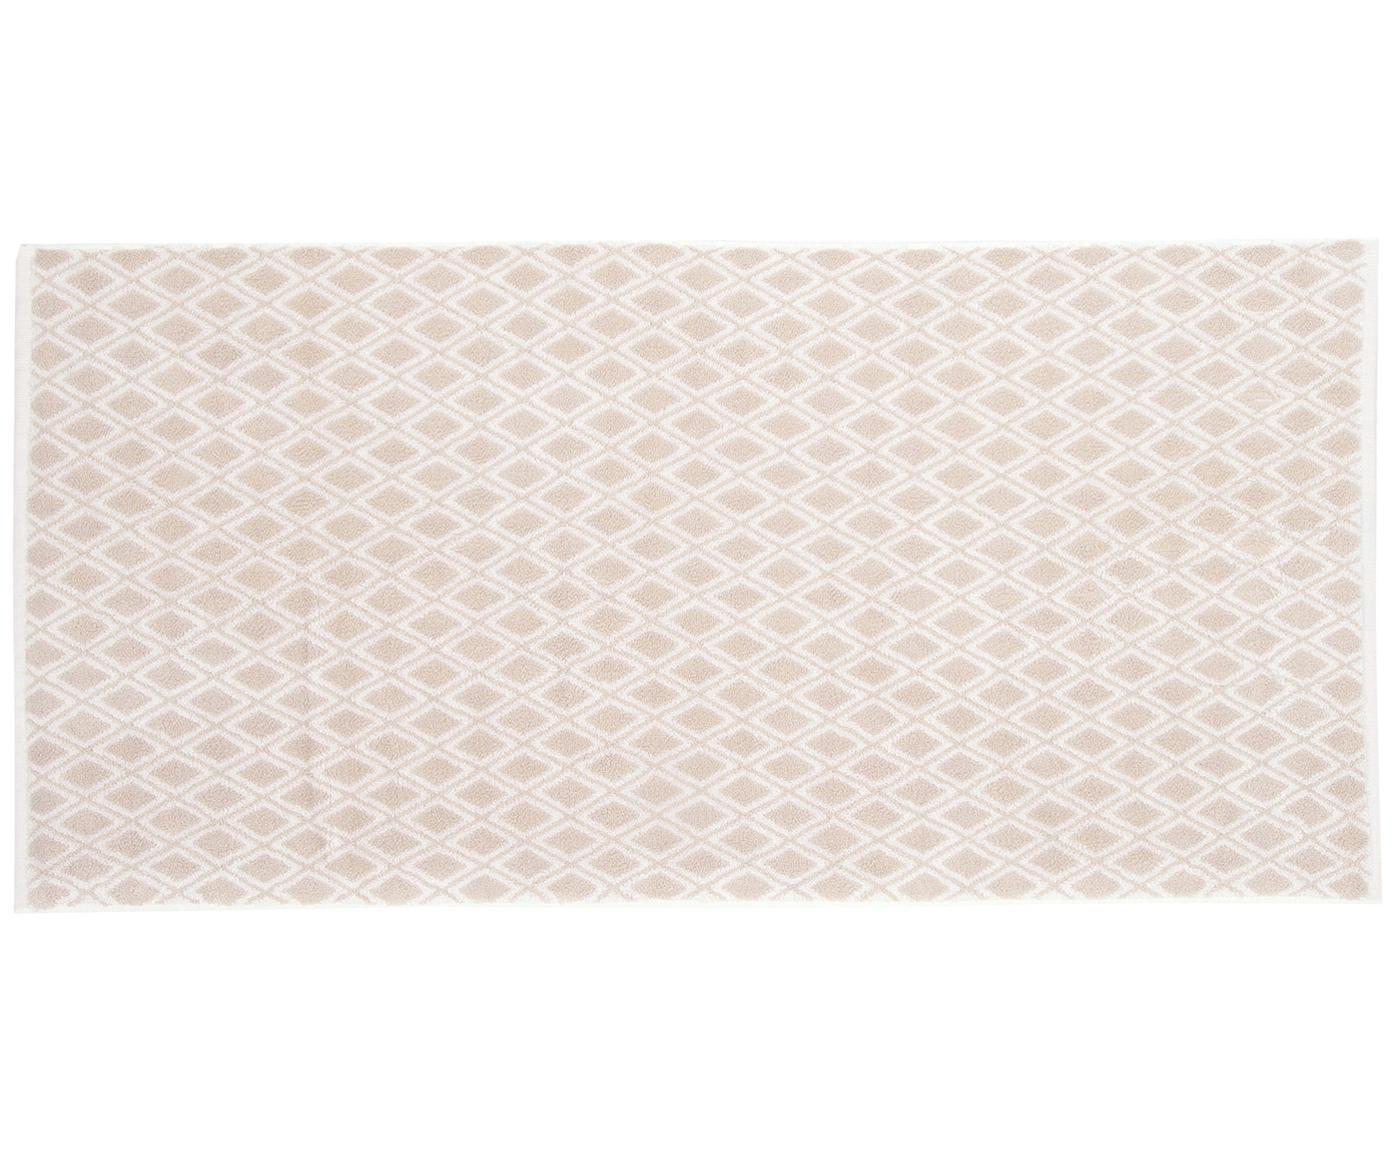 Wende-Handtuch Ava in verschiedenen Größen, mit grafischem Muster, Sandfarben, Cremeweiß, Handtuch